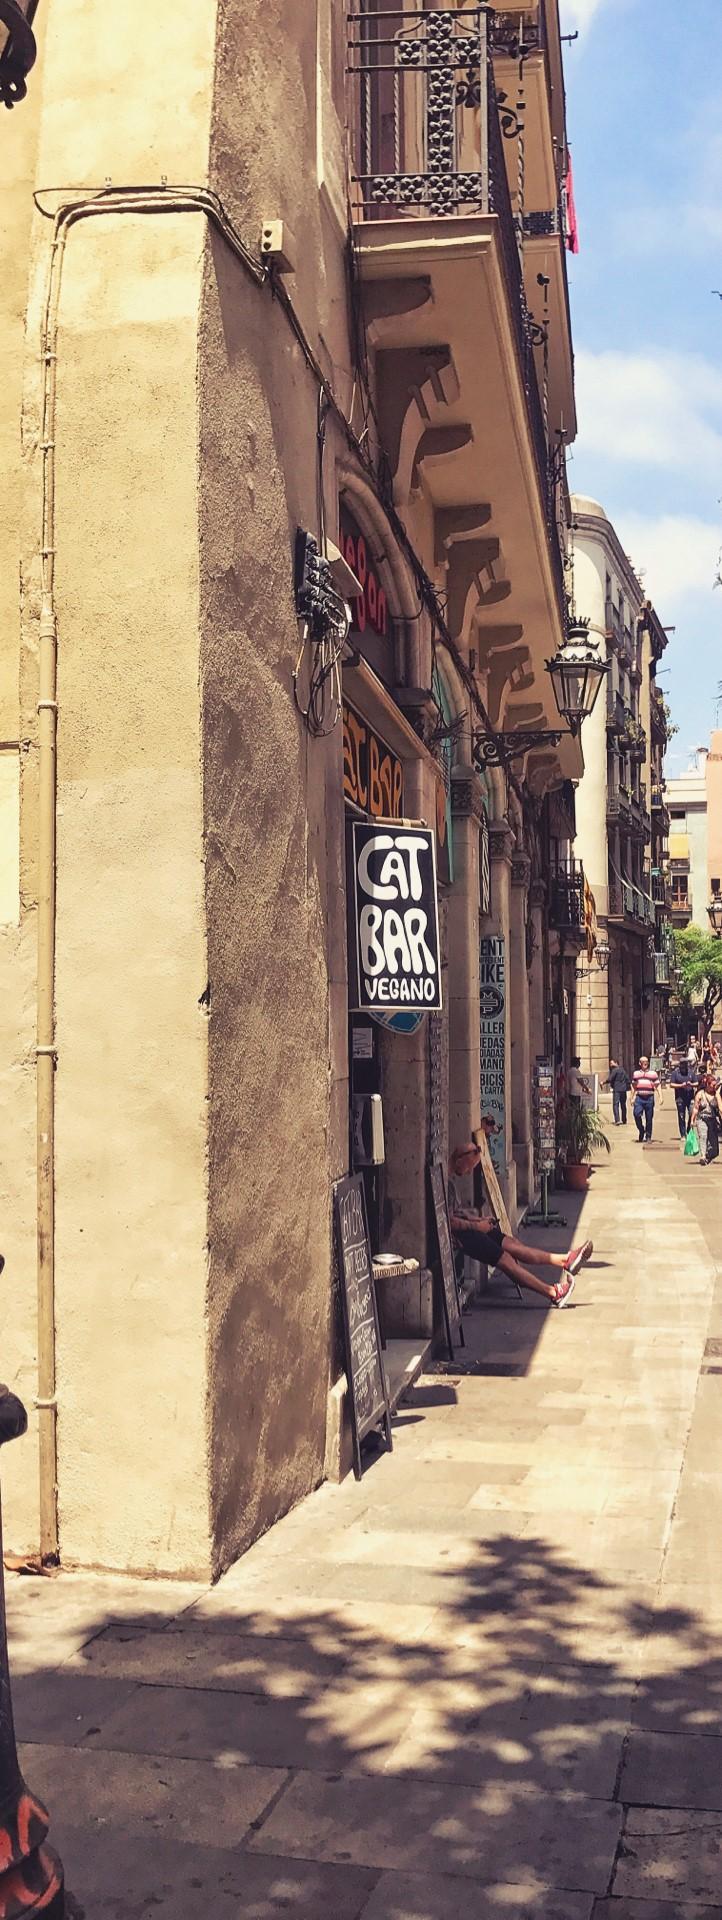 Die Cat Bar ganz unscheinbar in einer Seitenstrasse